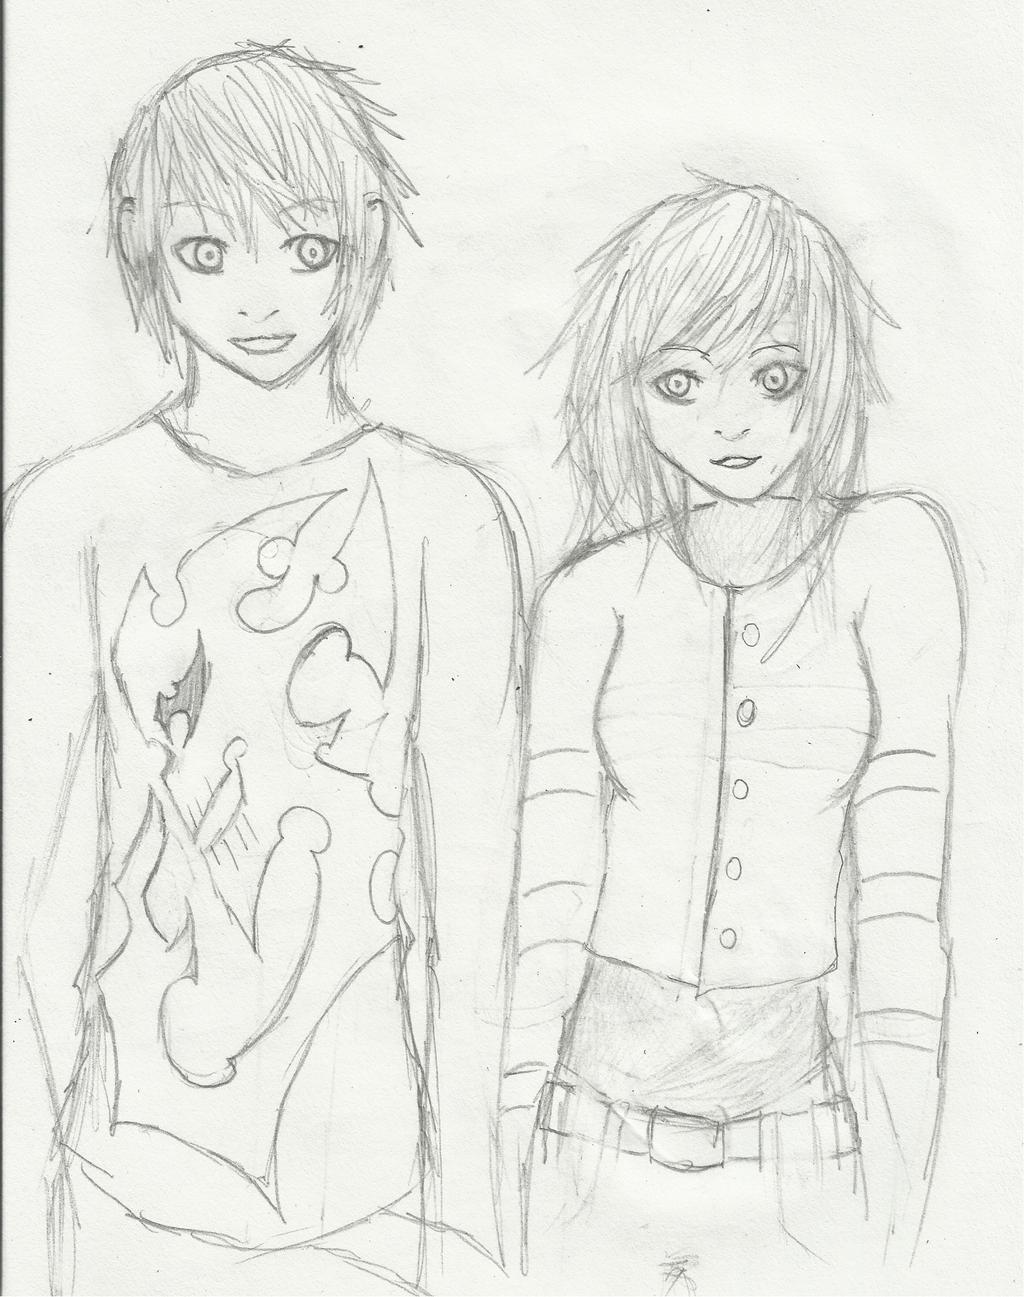 Random Pair by Demon-Shinob1